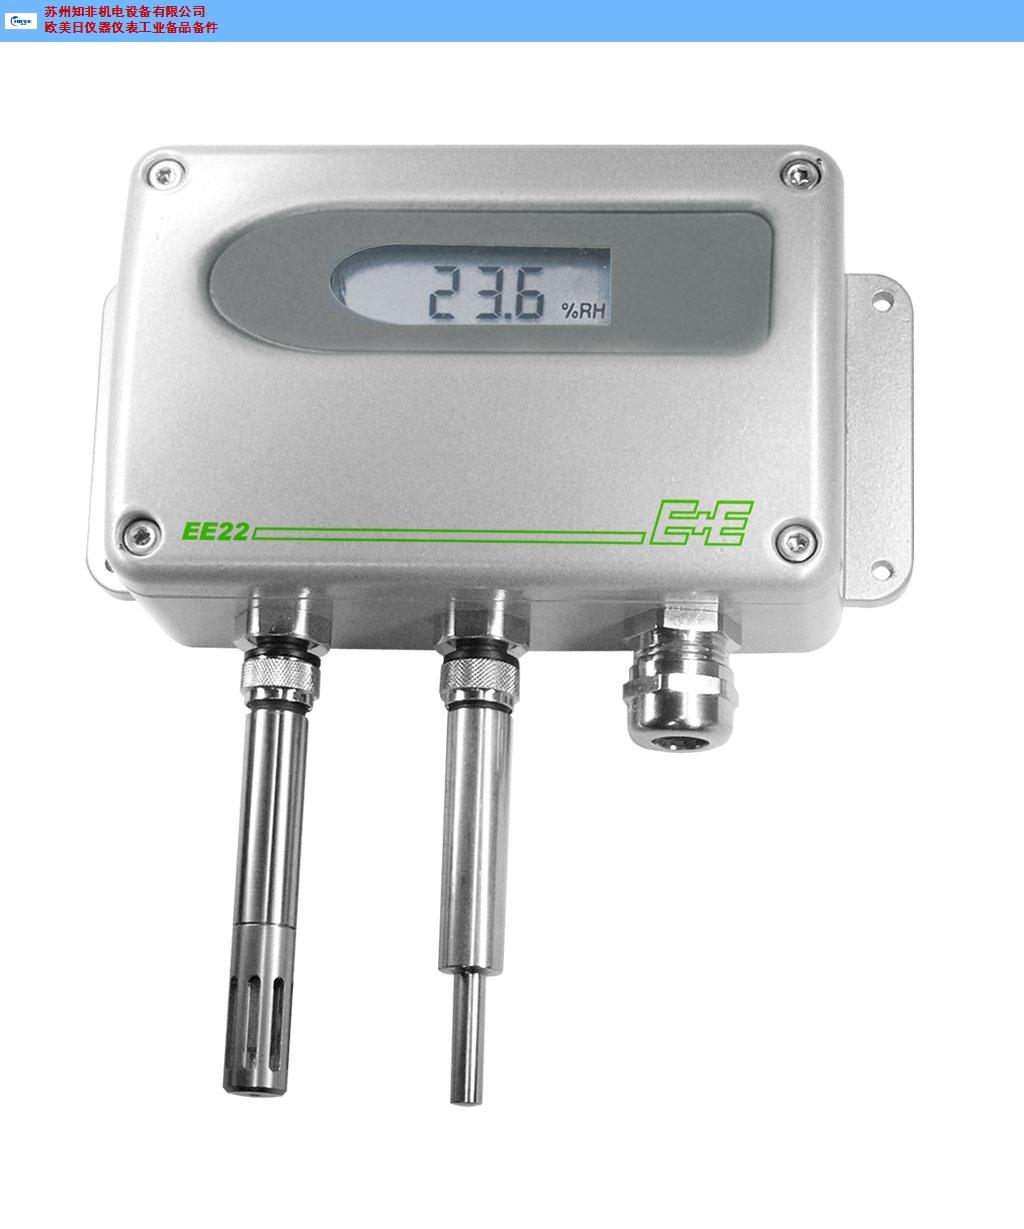 常州温湿度传感器温湿度传感器品牌 有口皆碑 苏州知非机电设备供应